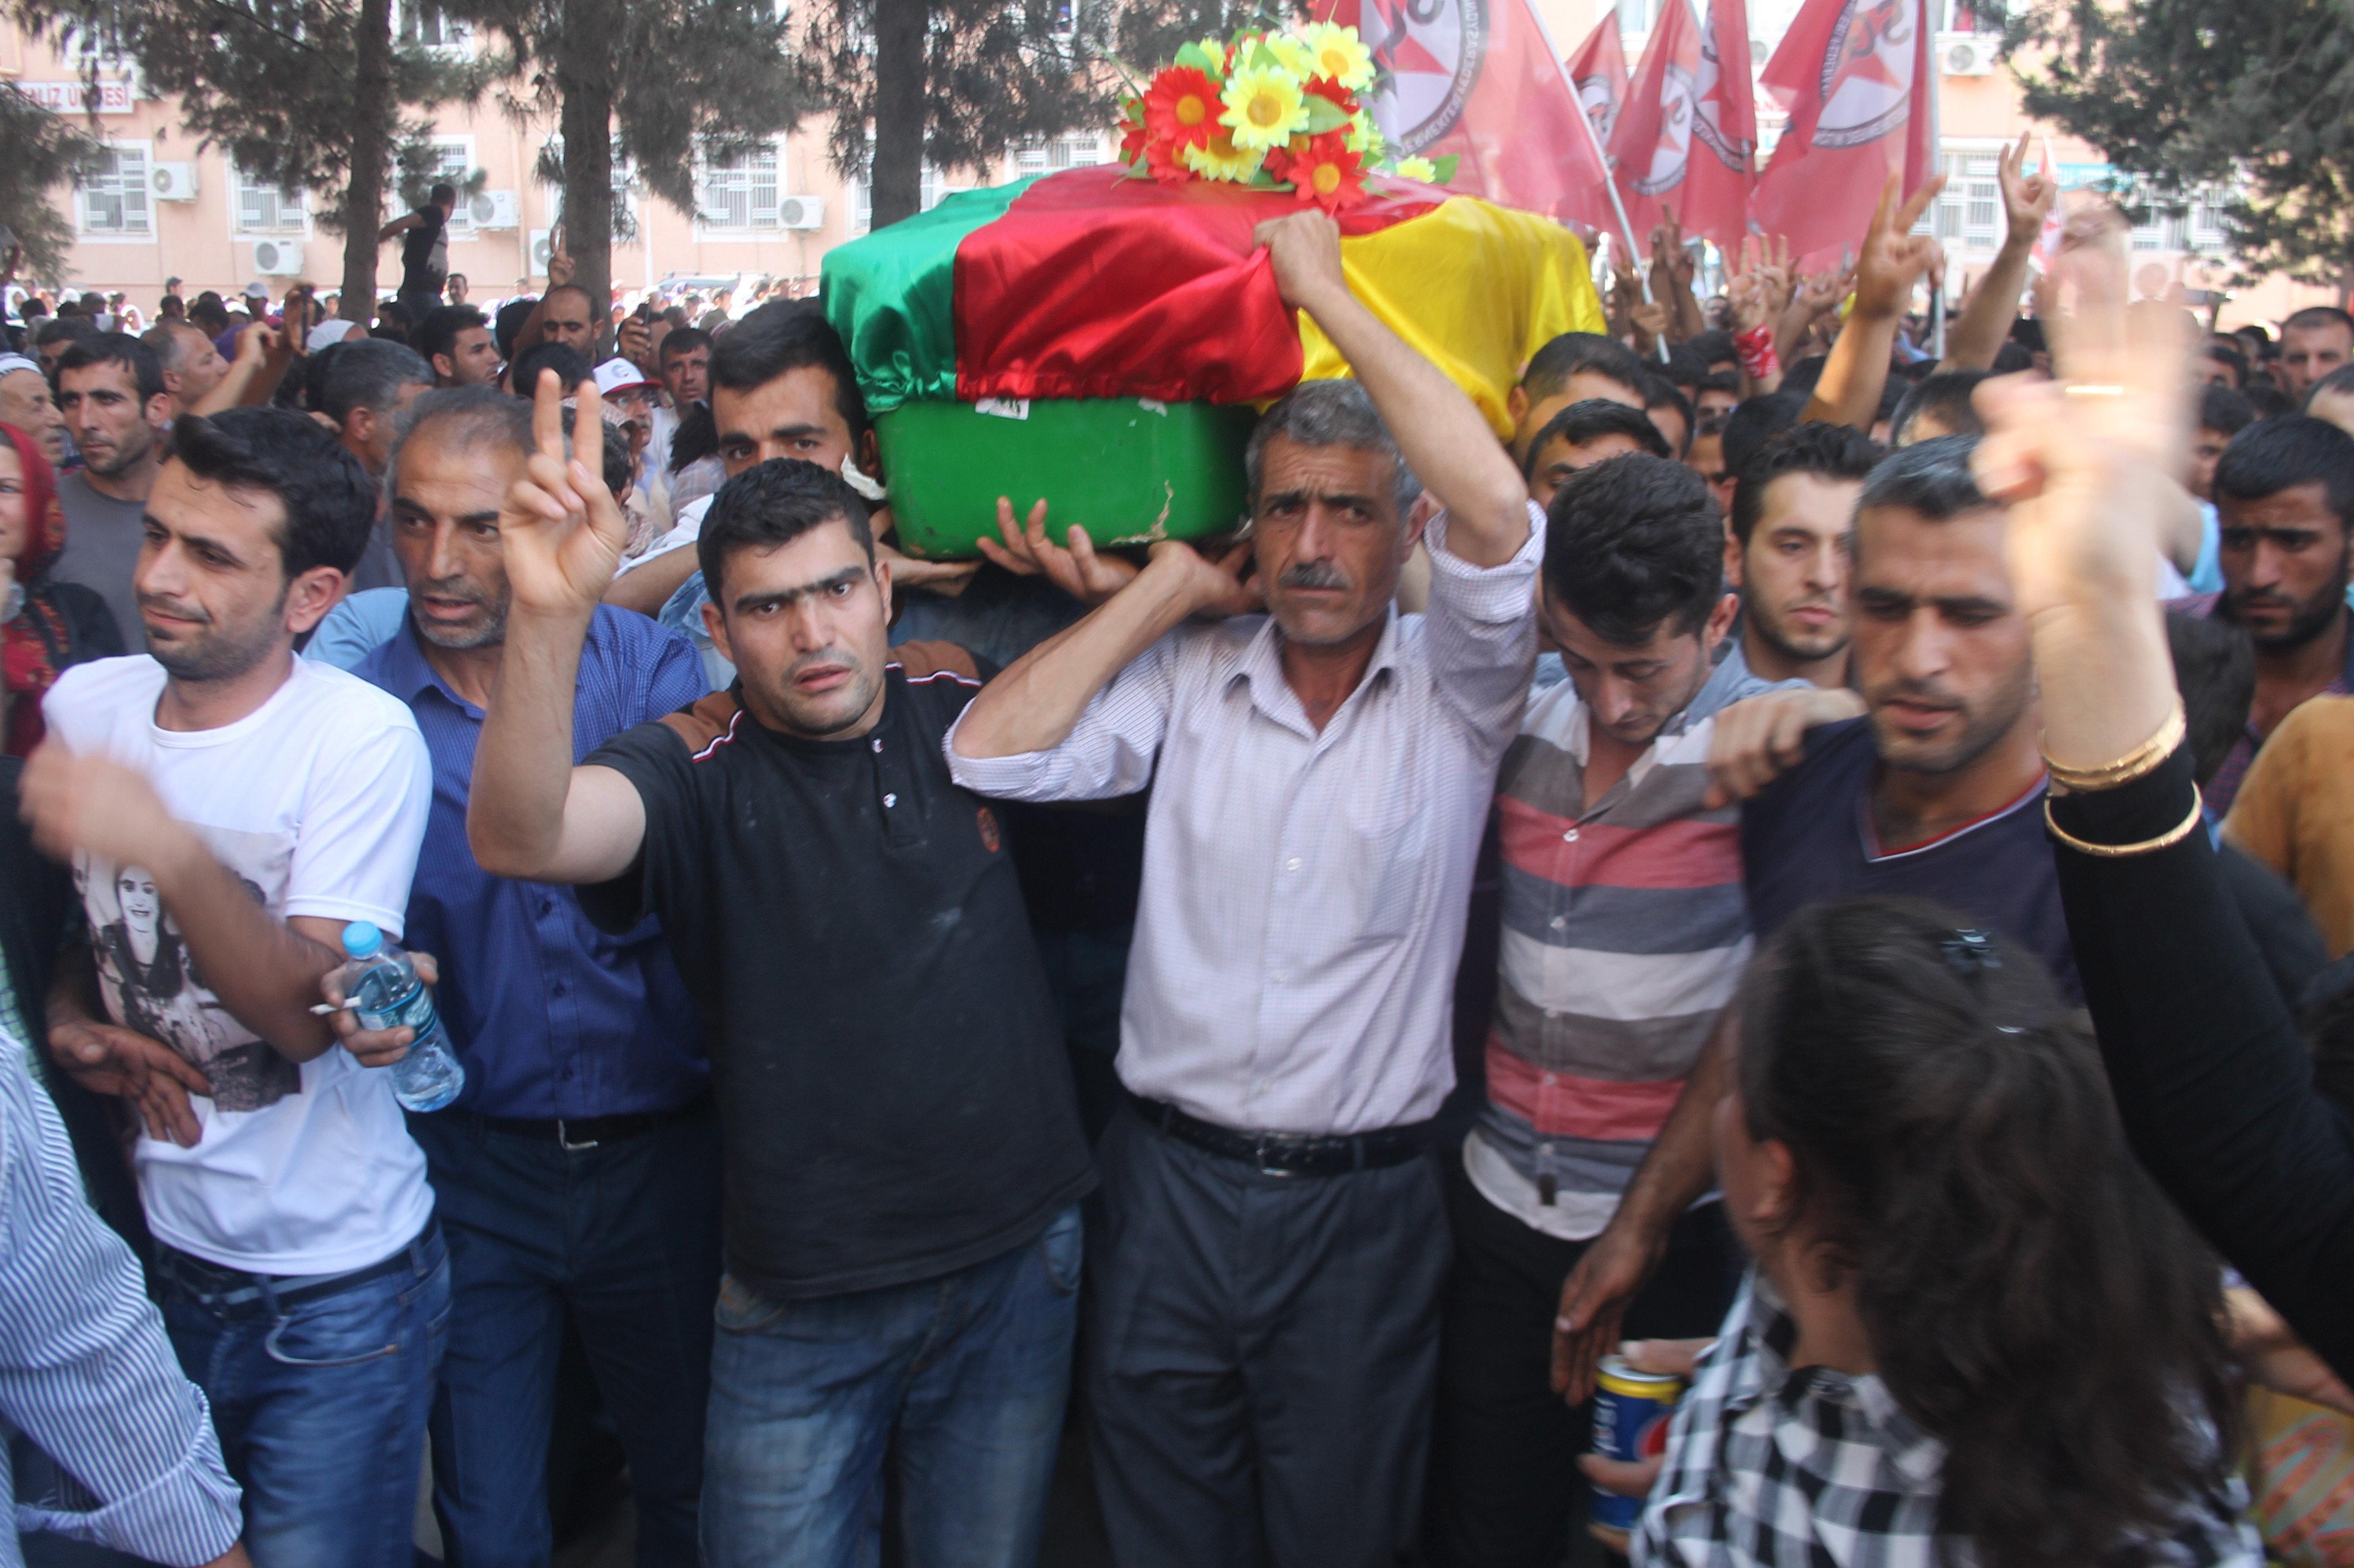 Suruç'taki cenaze töreni